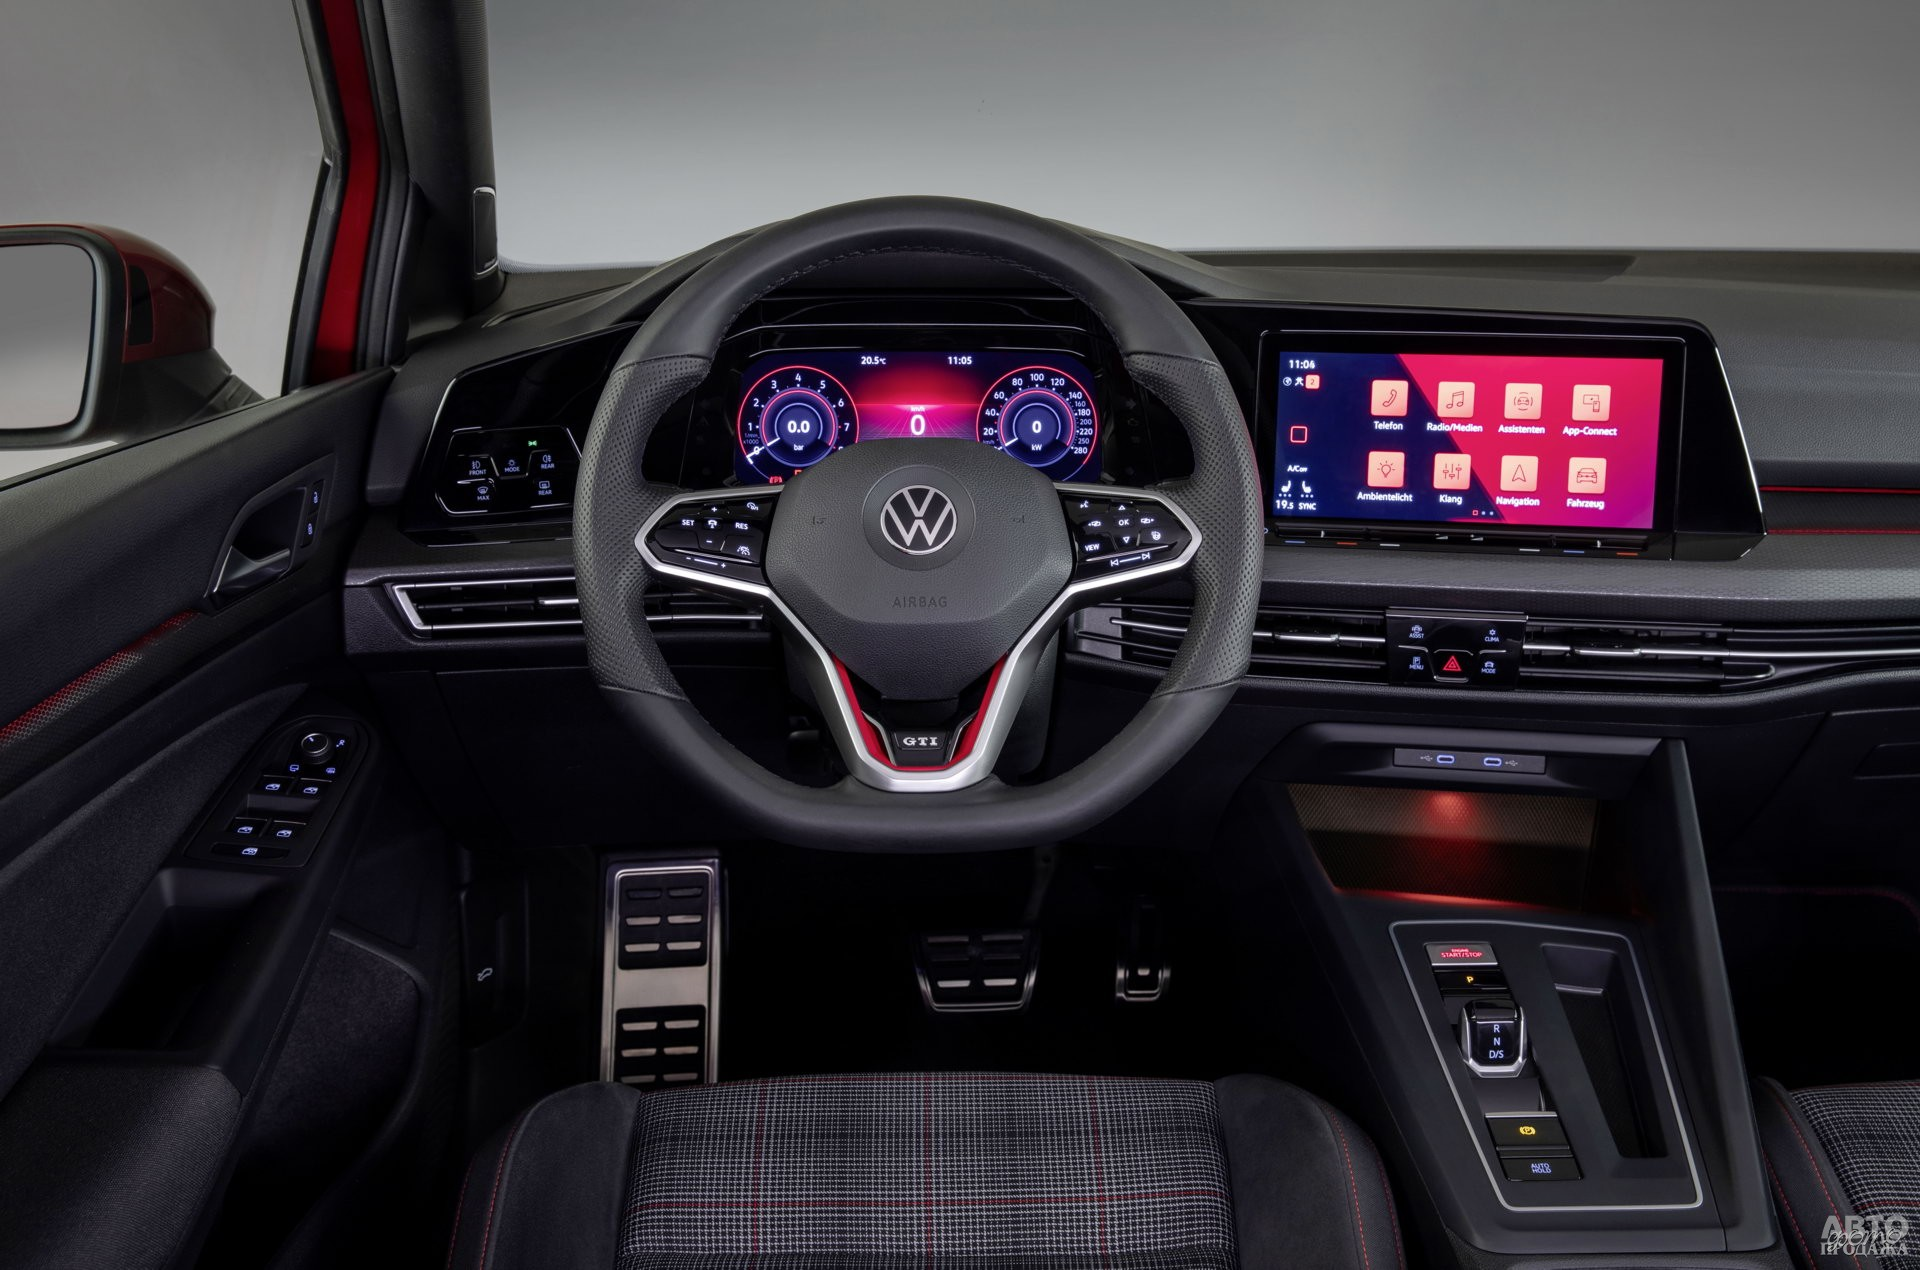 У Volkswagen – нестандартный миниатюрный селектор трансмиссии